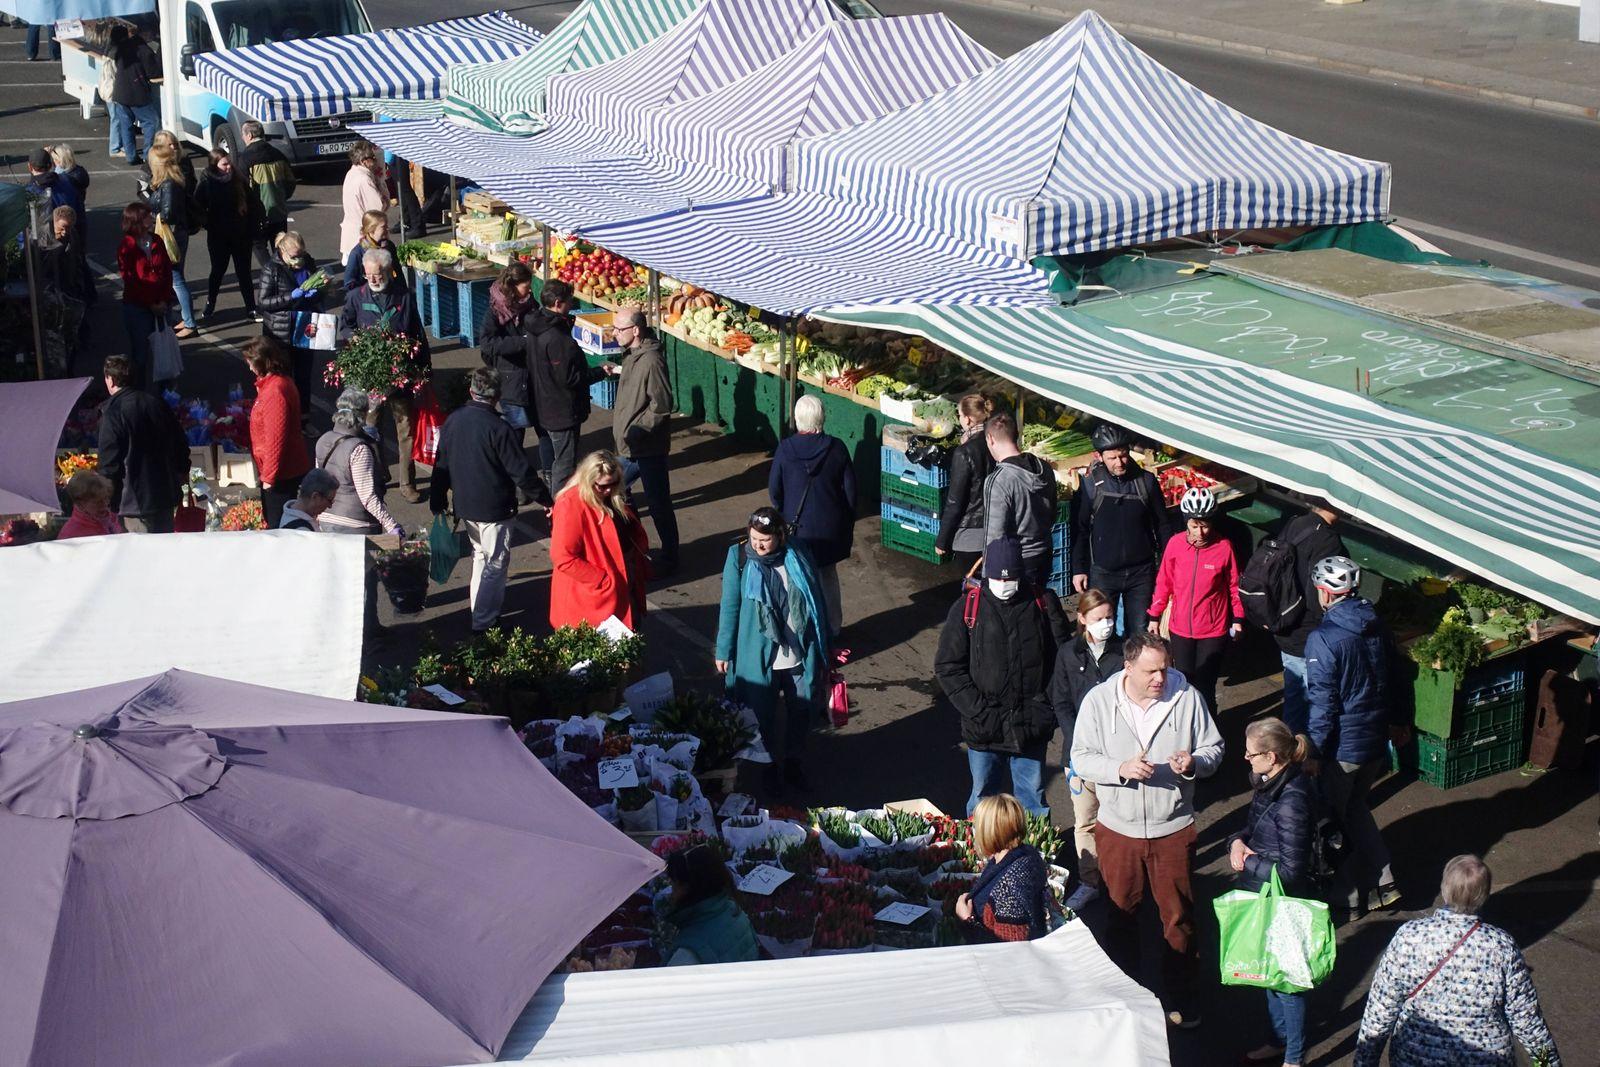 11.04.2020, Berlin, GER - Menschen auf dem Wochenmarkt am Kranoldplatz. (Alltag, Angebot, Aufsicht, aussen, Aussenaufna